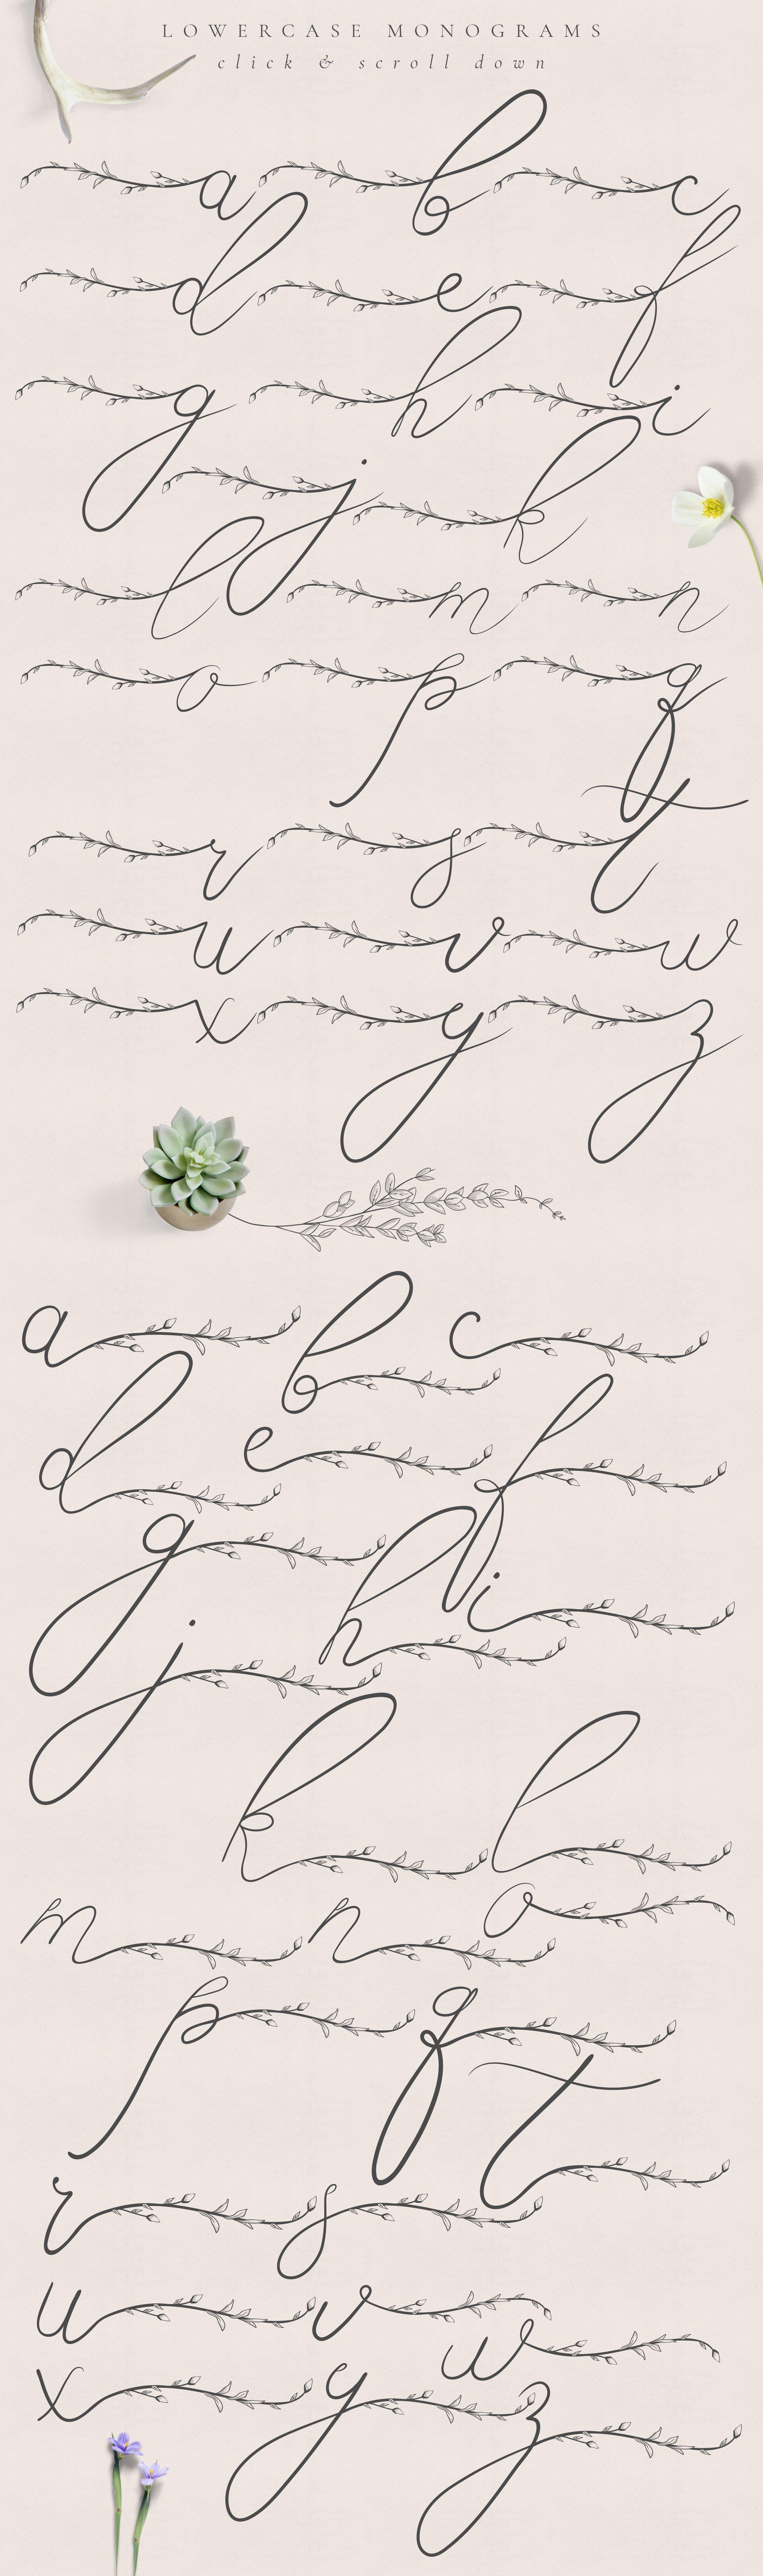 精美手绘花框花环徽标矢量图案素材 Flowered Monogram & Logo Collection插图(3)